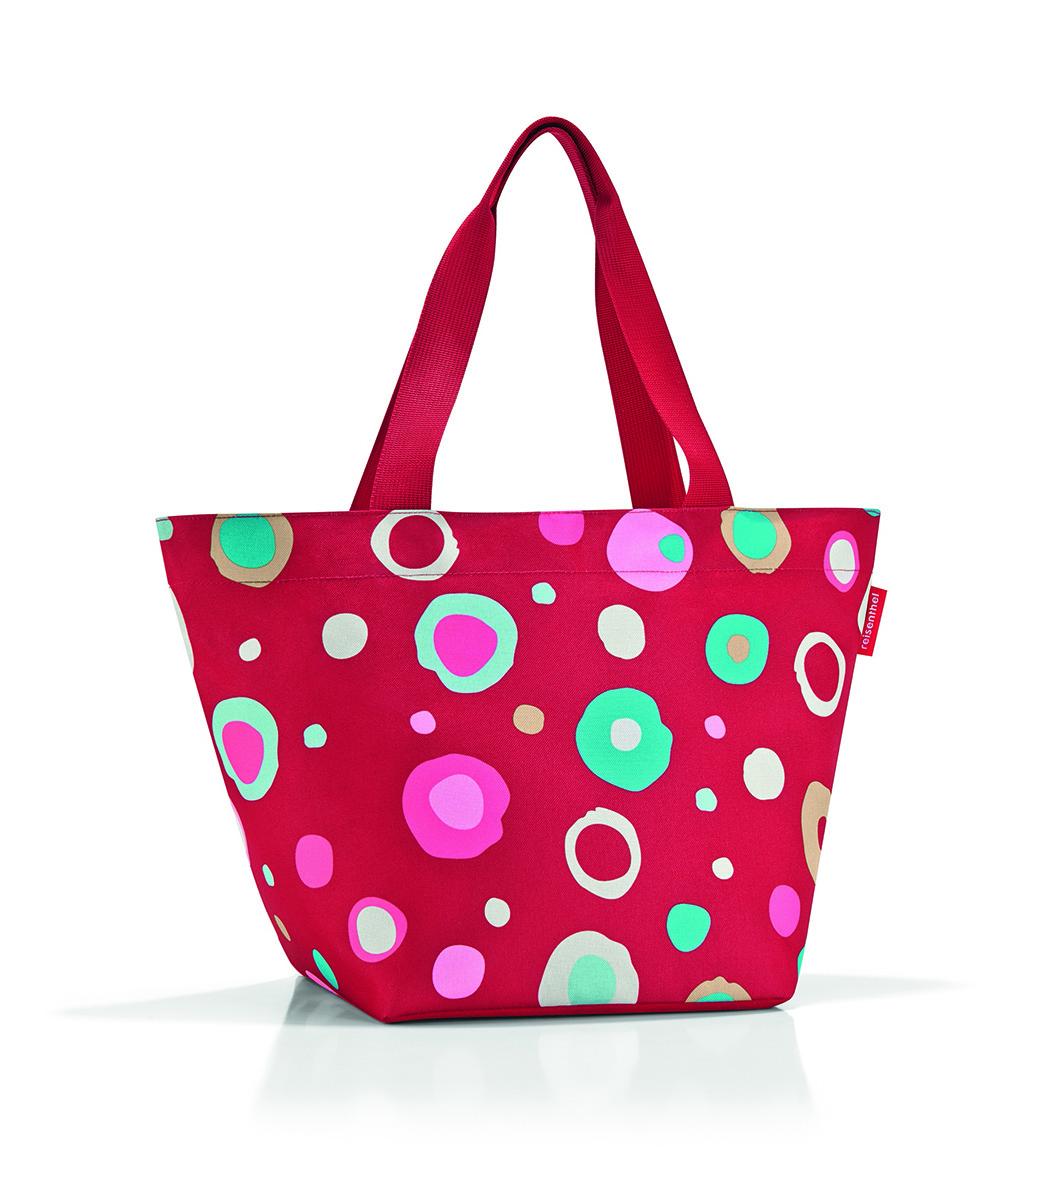 Сумка женская Reisenthel Shopper M, цвет: красный. ZS304823008Универсальная женская сумка Reisenthel Shopper M изготовлена из плотного полиэстера и оформлена ярким принтом.Сумка содержит одно вместительное отделение, закрывающееся на застежку-молнию. Внутри расположен нашивной карман на молнии. Изделие дополнено двумя практичными широкими ручками, которые позволят носить сумку, как в руках, так и на плече.Практичная сумка станет незаменимым аксессуаром для повседневного использования.